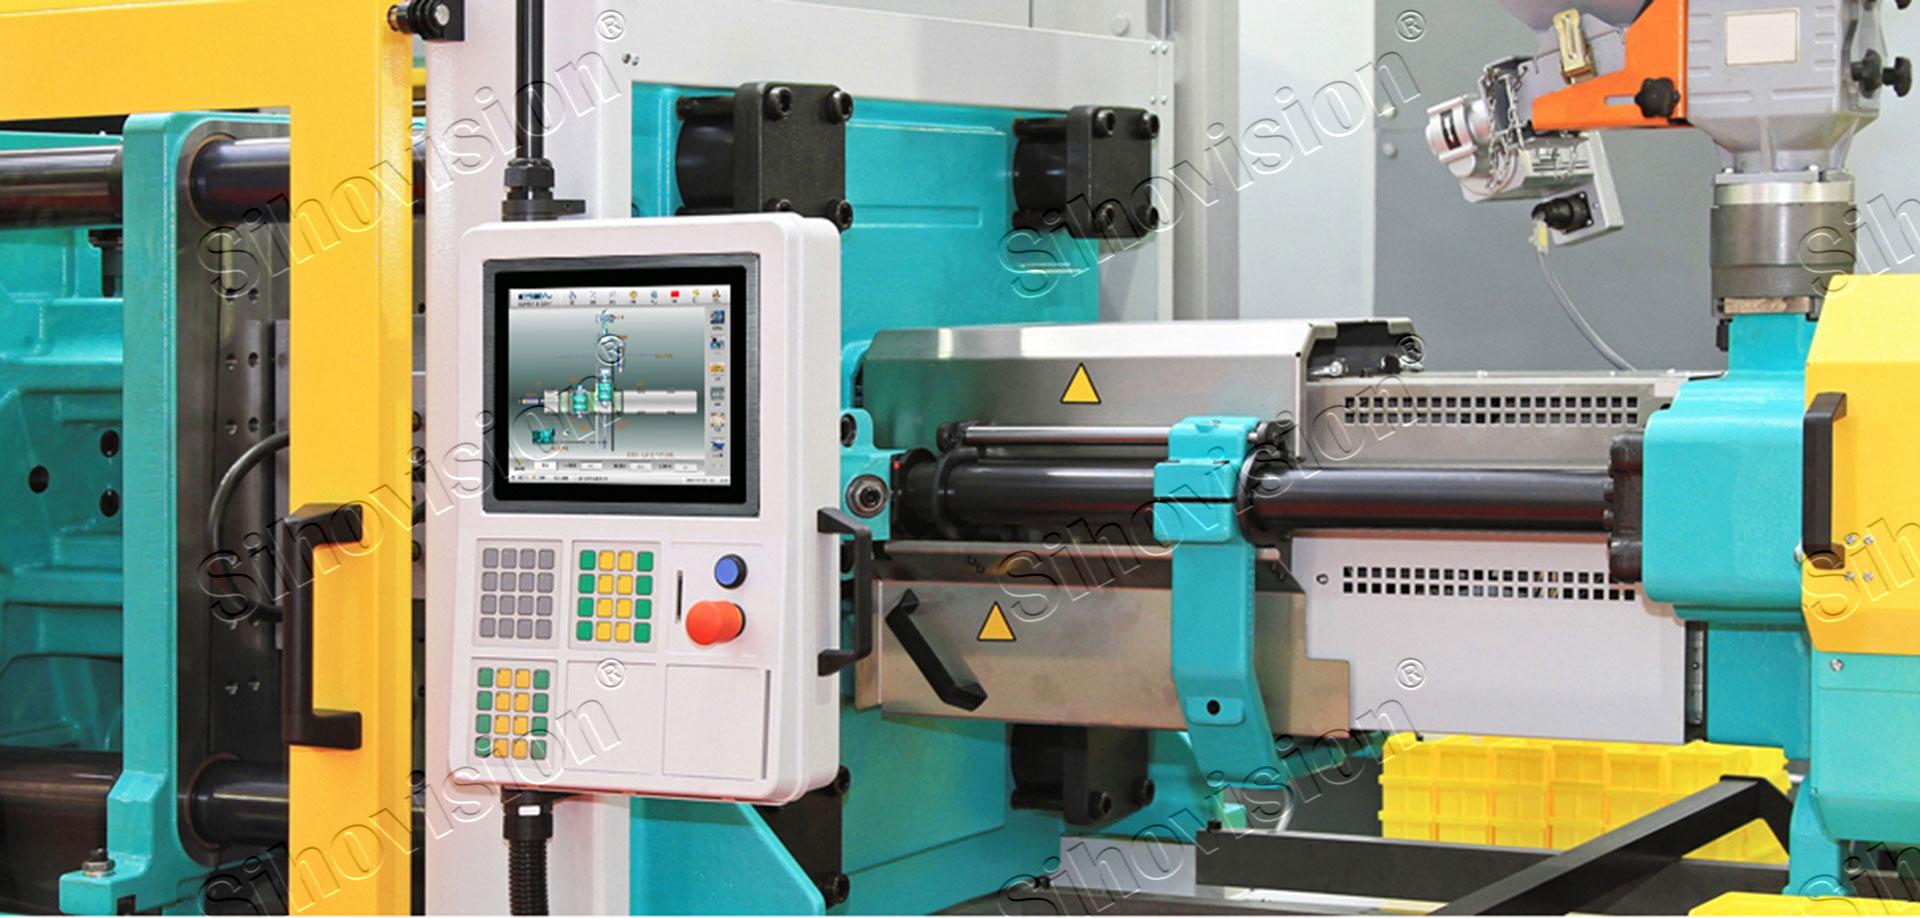 Industrial Panel PC SC200M